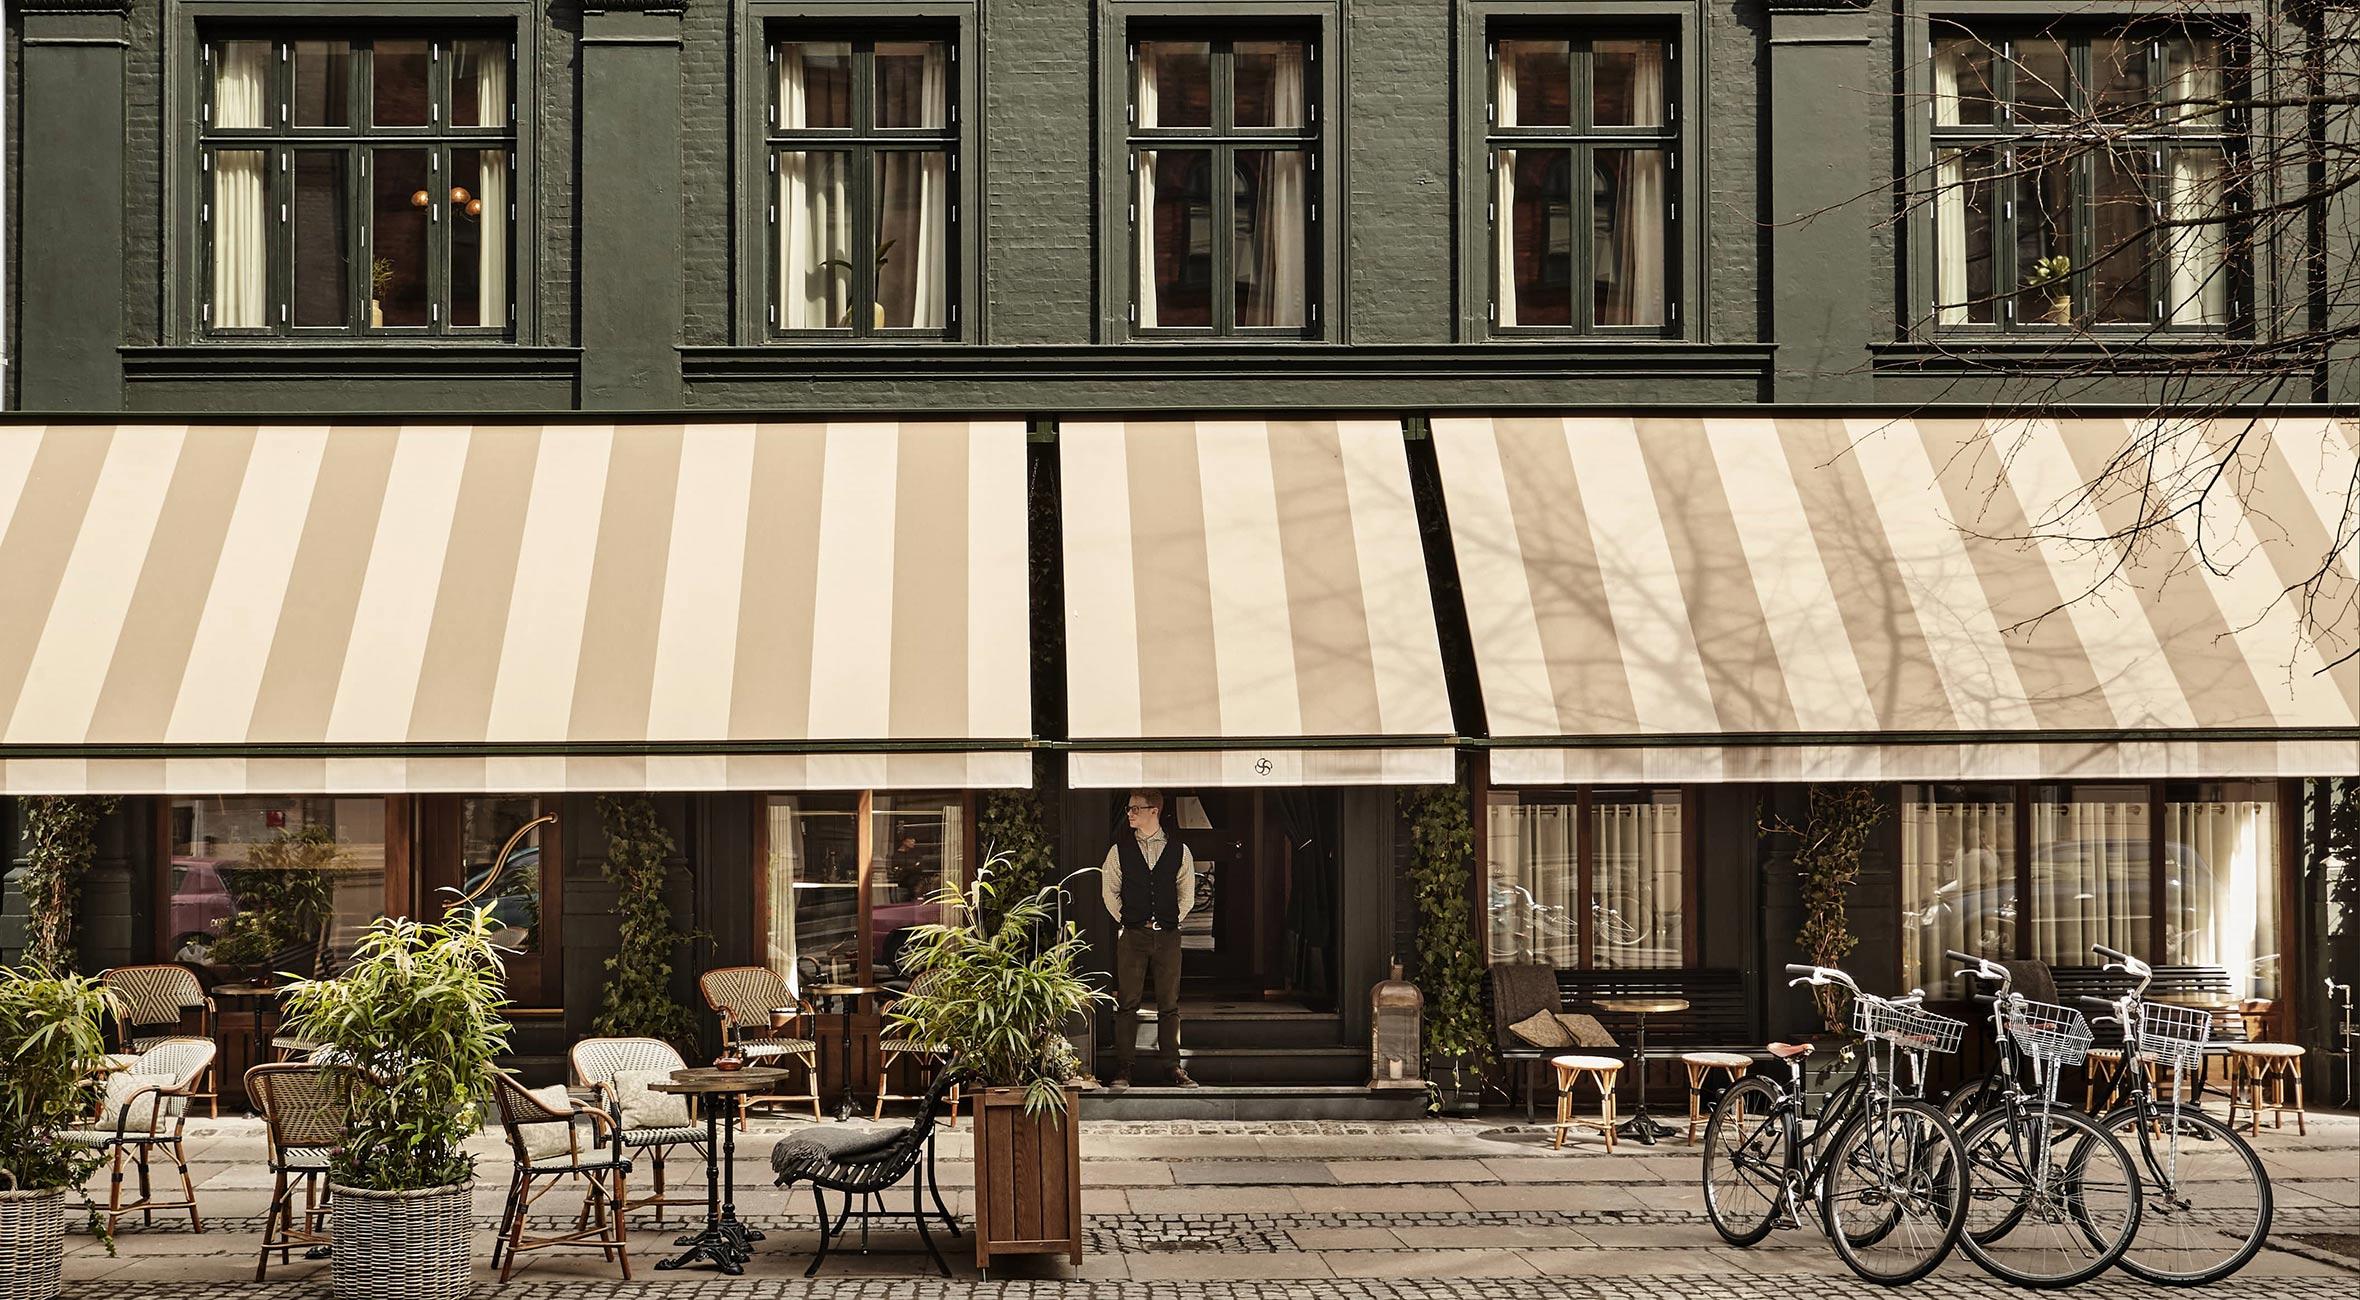 Ophold for 2 personer på Sanders i hjertet af København – Bliv indlogeret på luksuriøst værelse med morgenmad og fri minibar